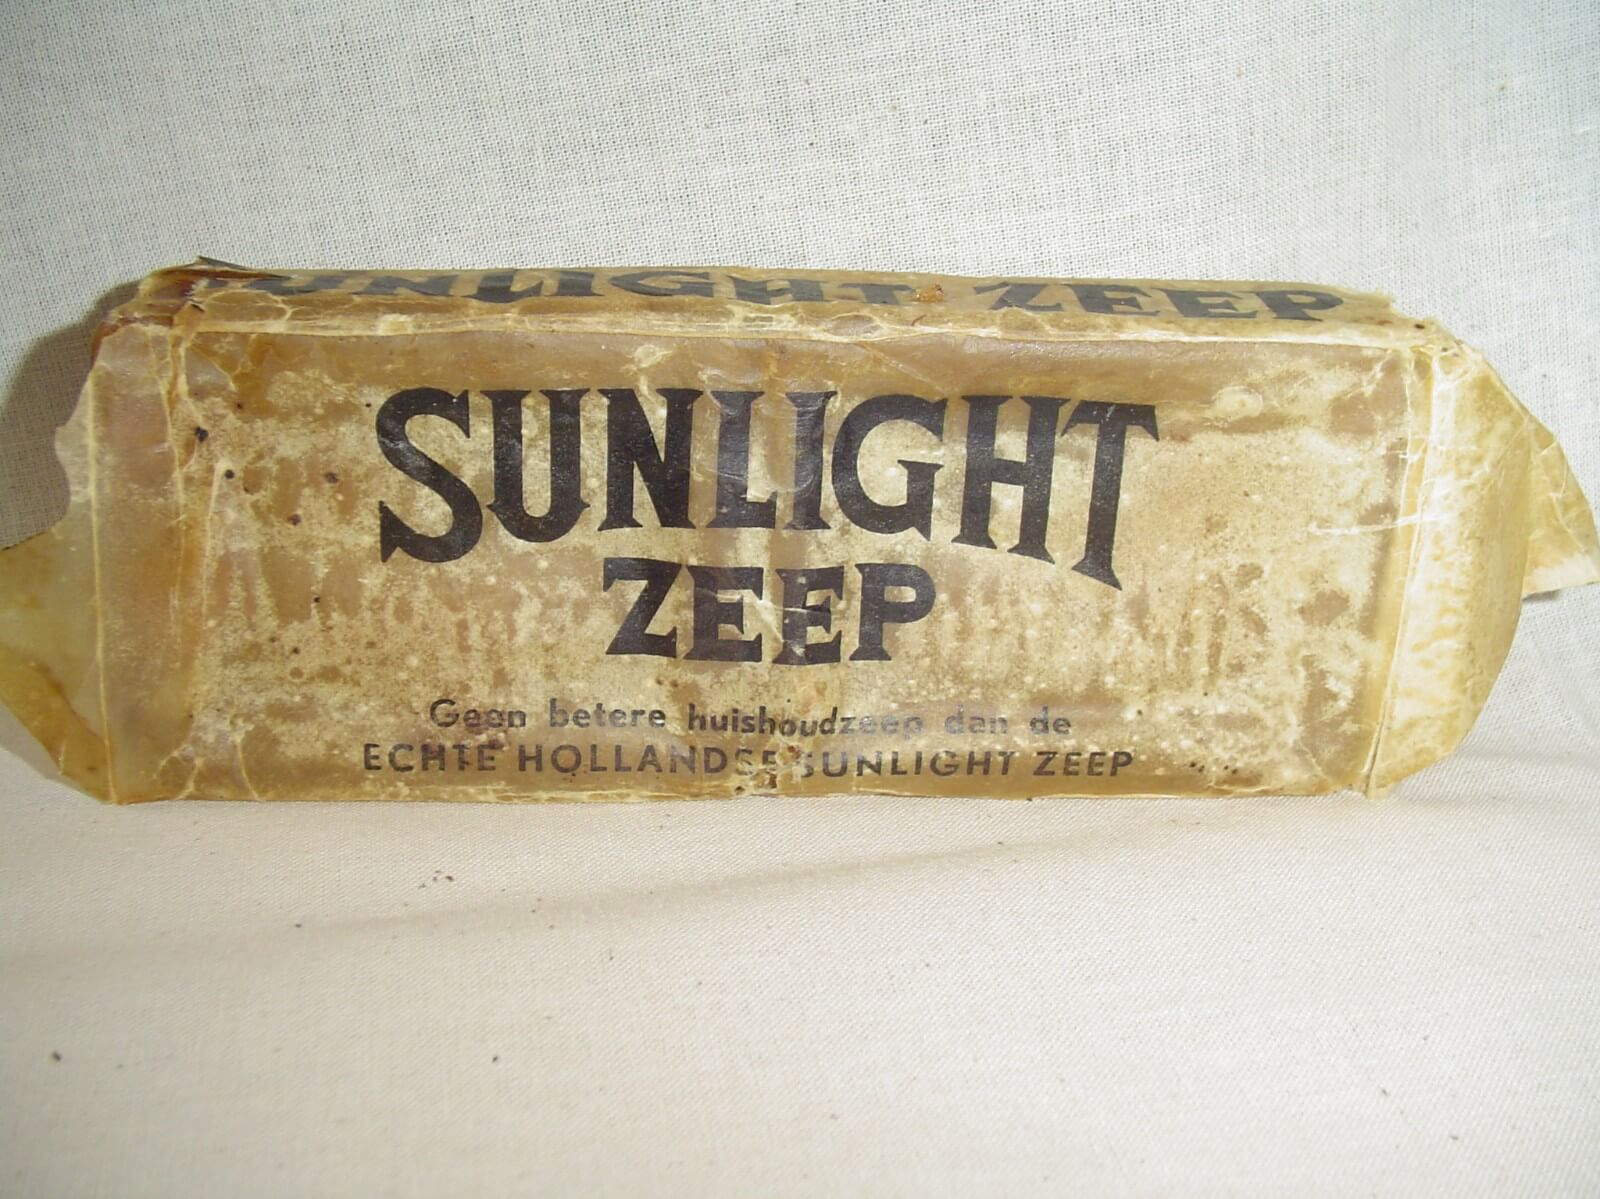 Sunlight zeep uit de tweede wereldoorlog